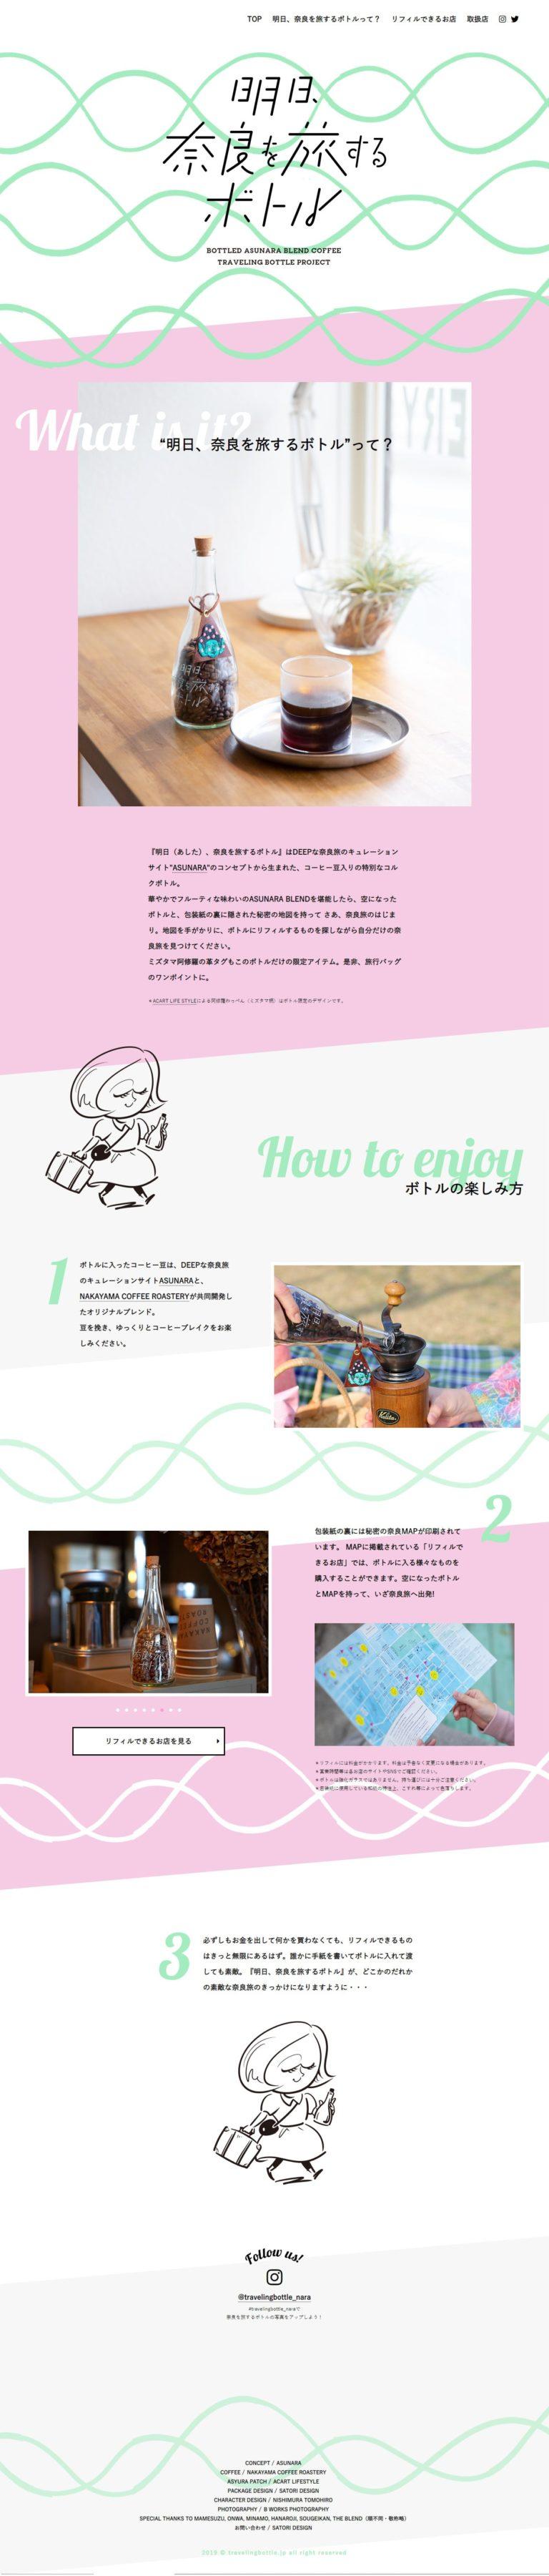 明日、奈良を旅するボトル | TRAVELING BOTTLE PROJECT